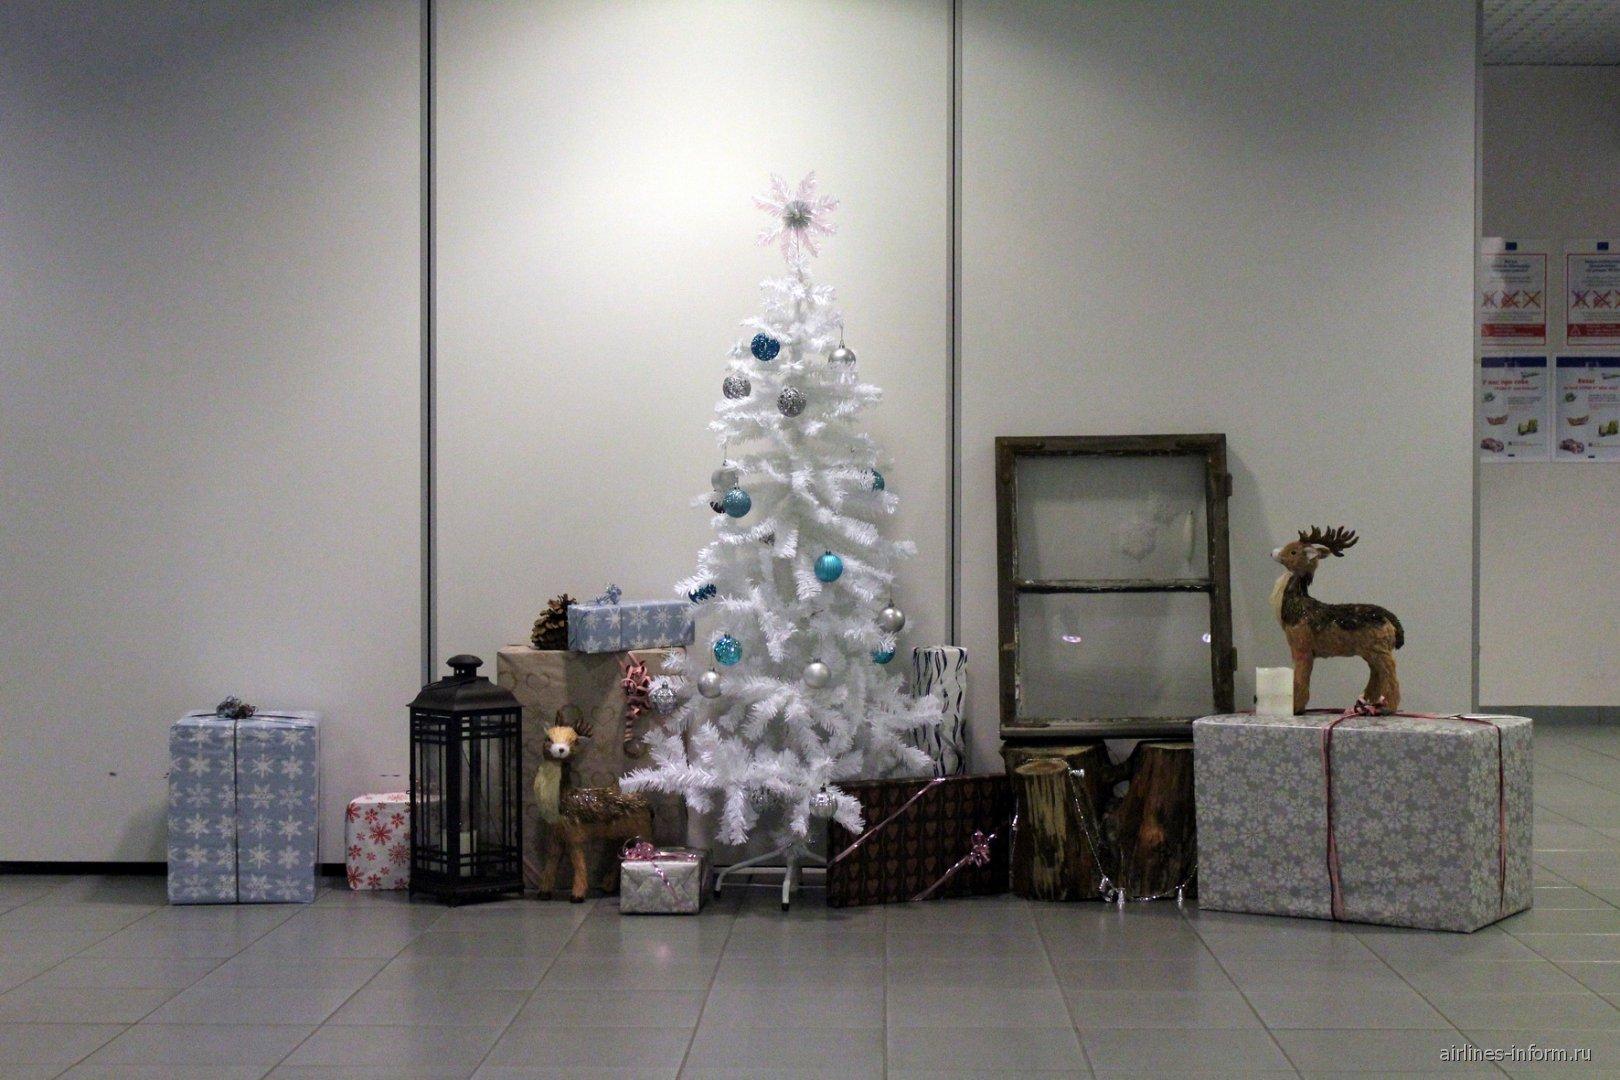 Новогодние украшения в аэропорту Каяни